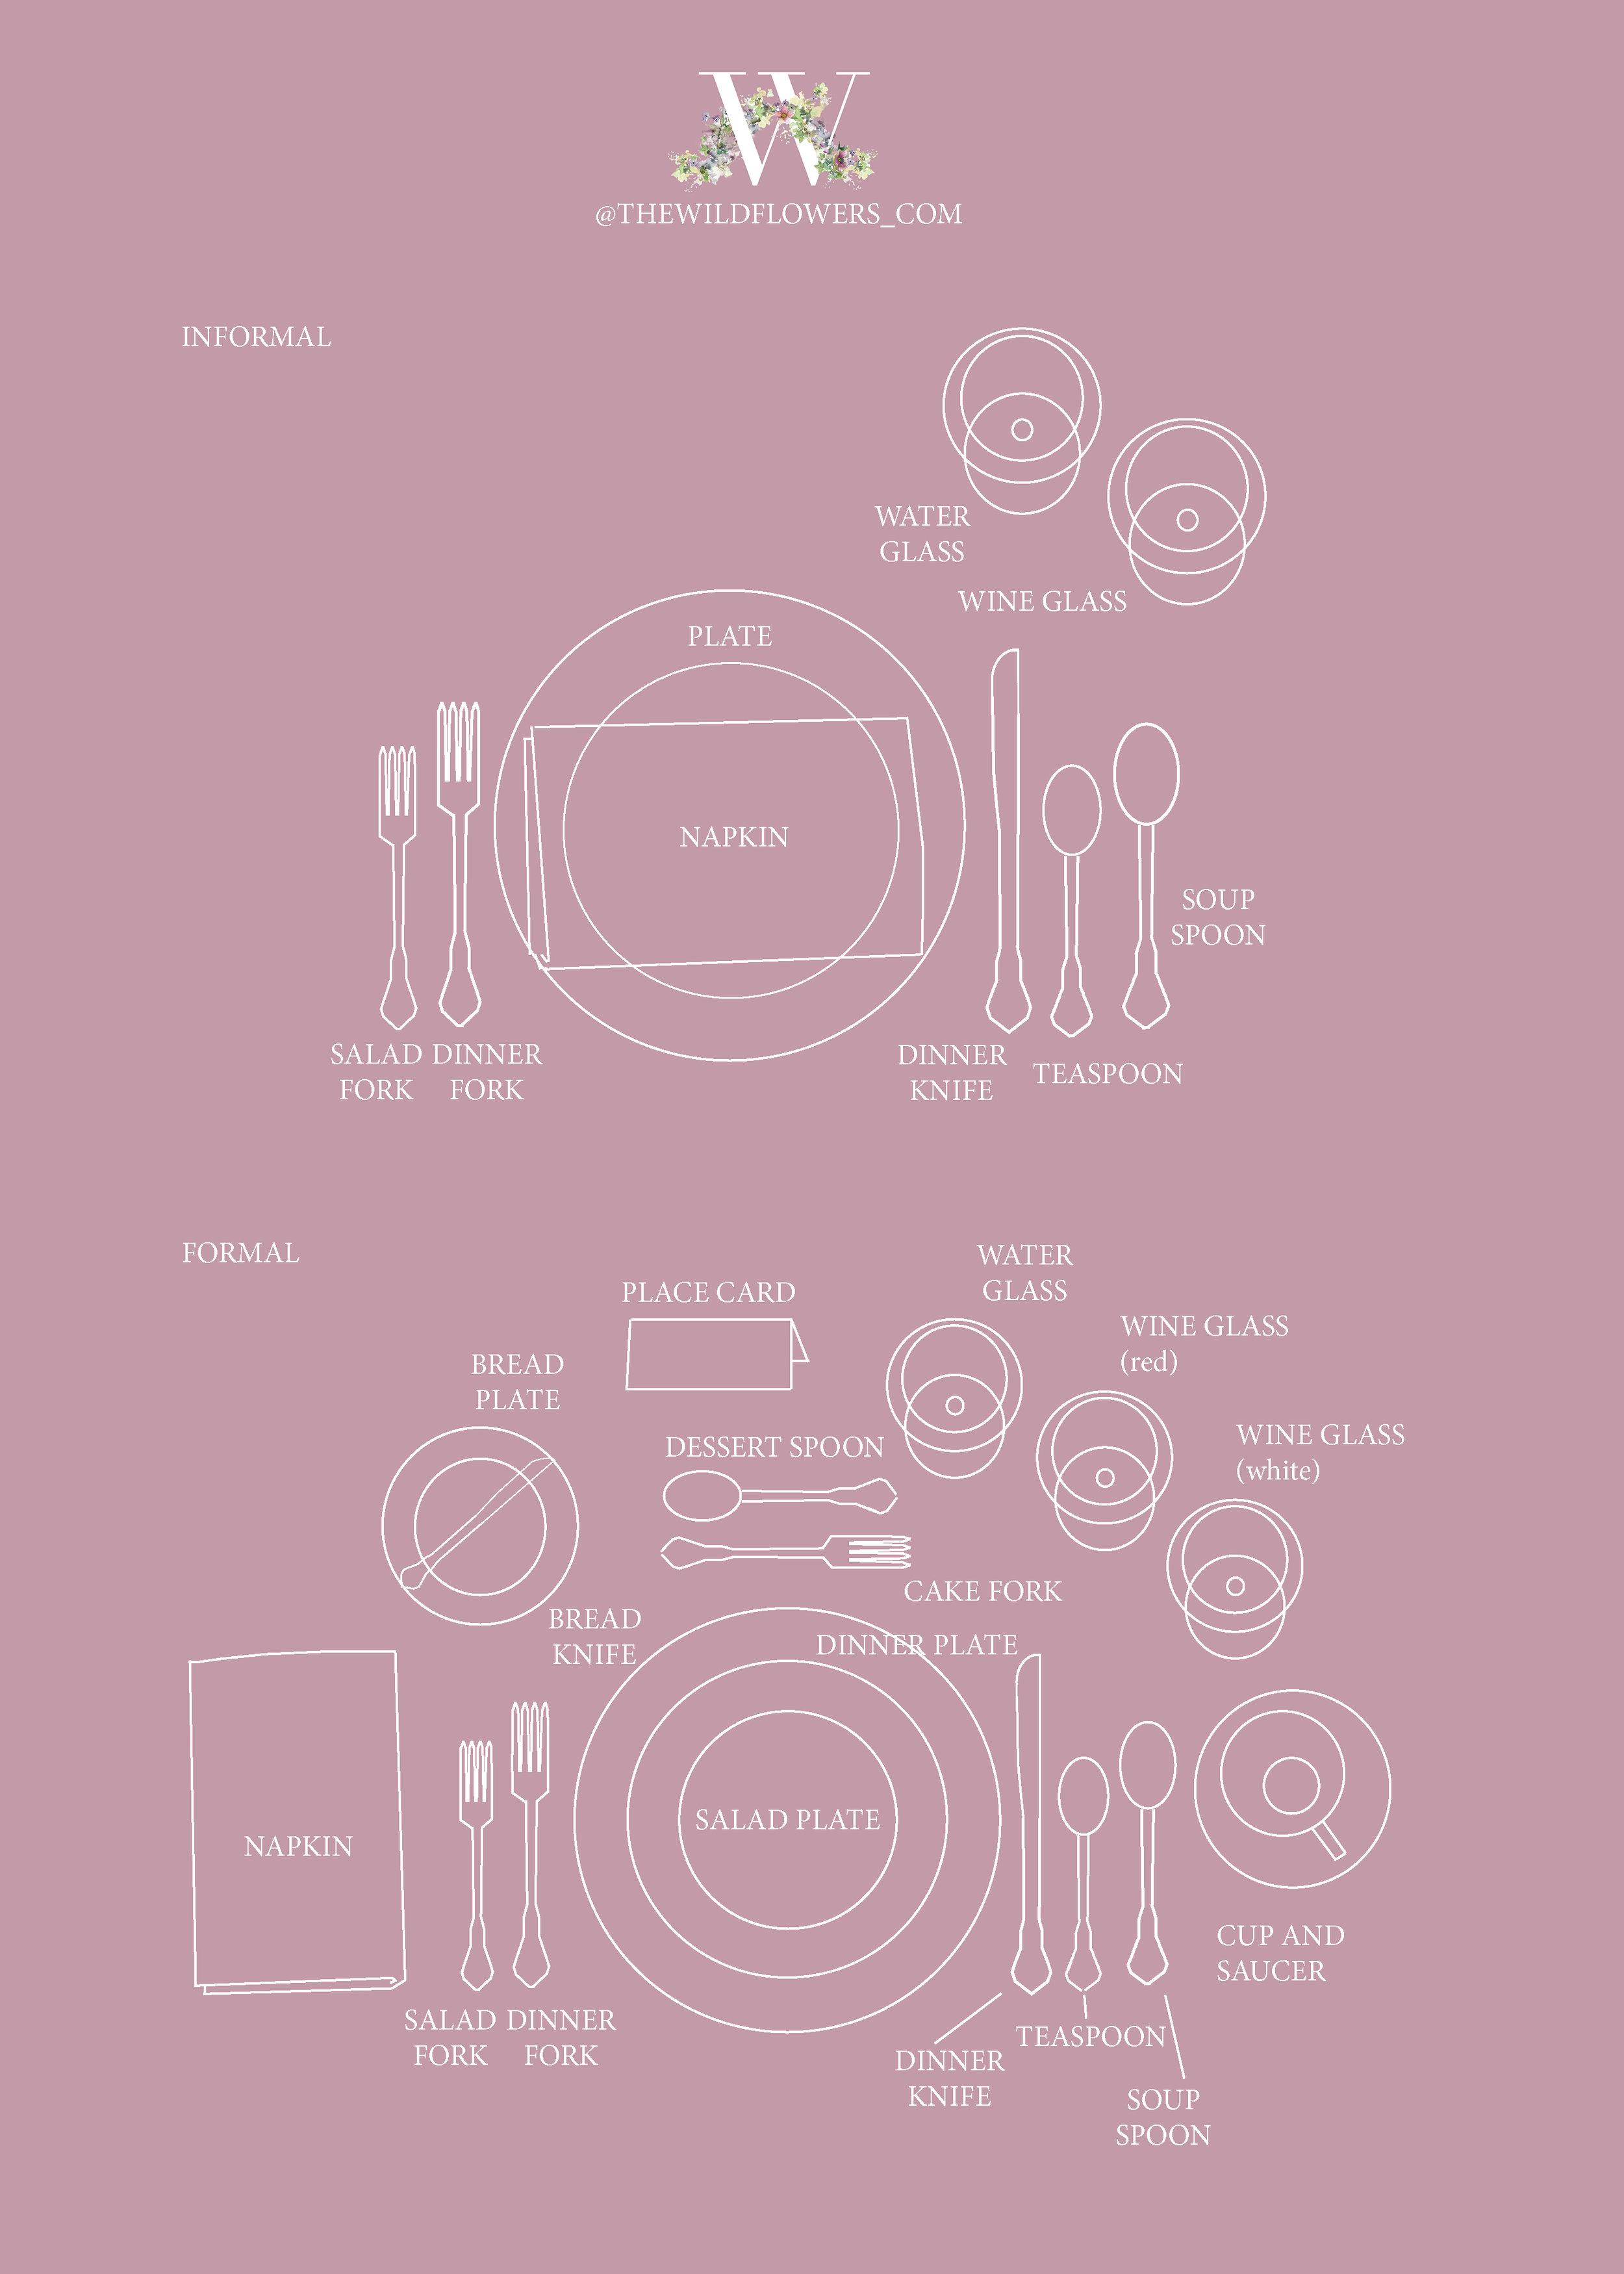 place-setting-etiquette-dallas-wedding-planner